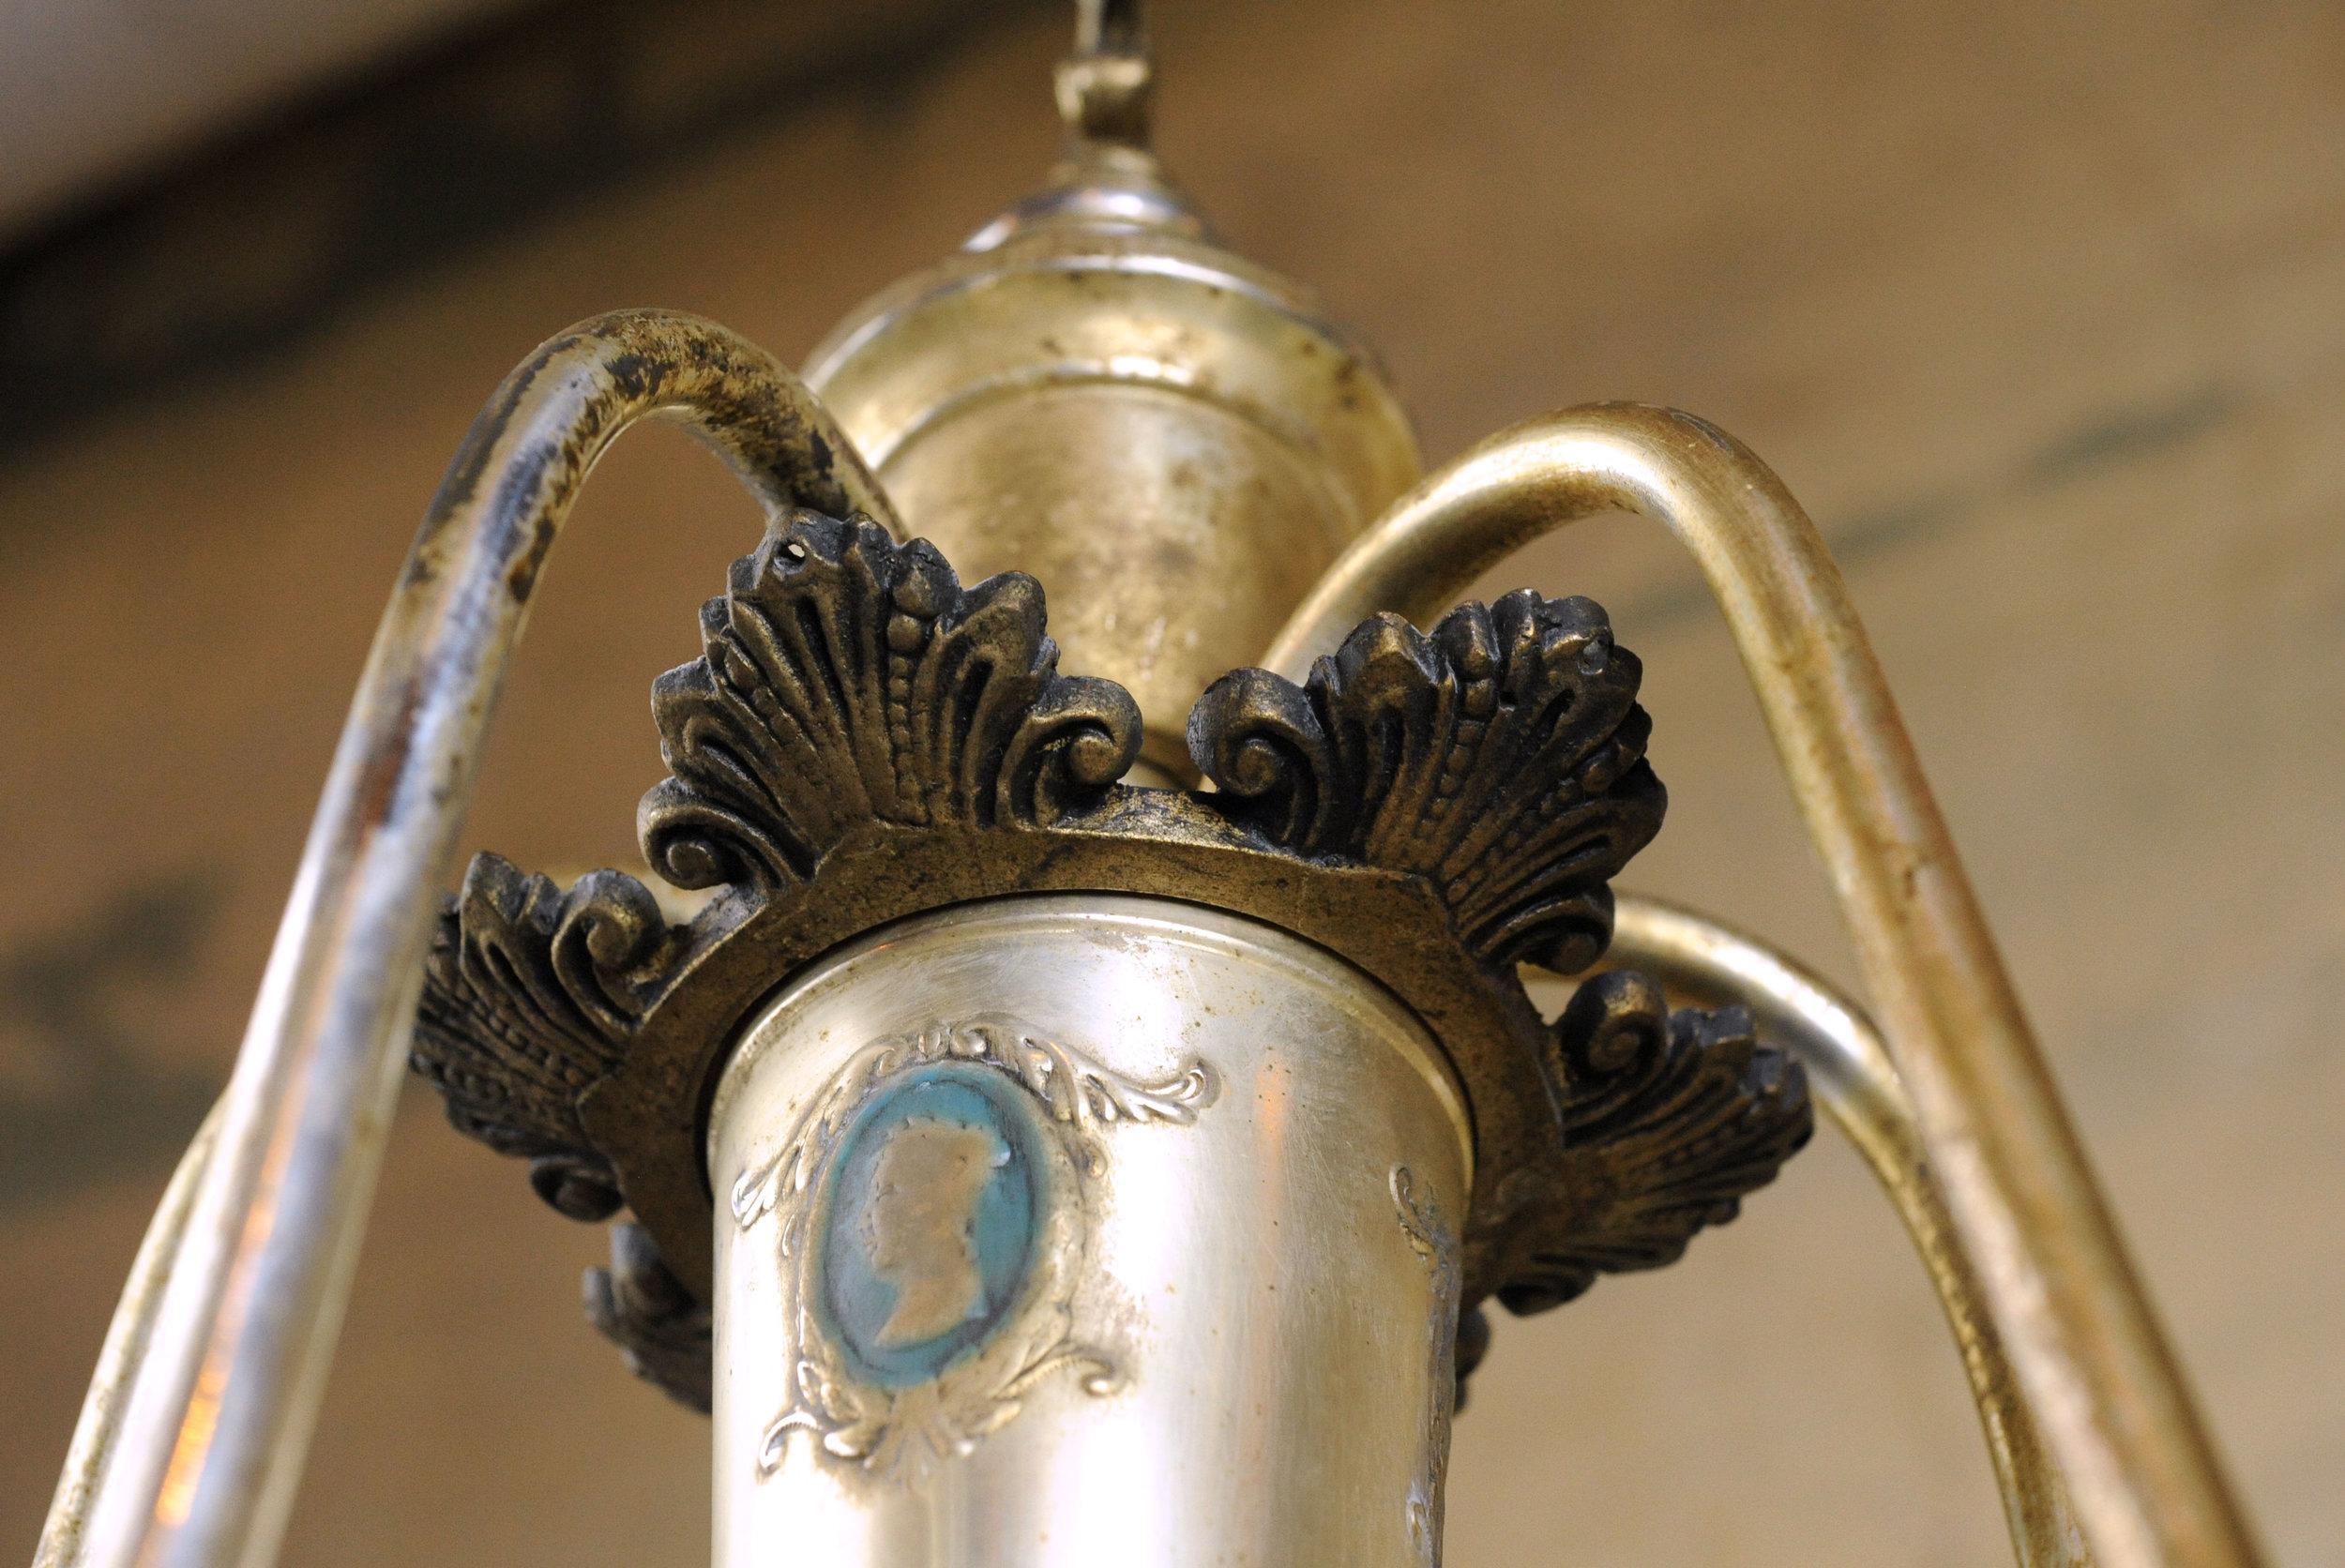 46884-silver-chandelier-texture-detail.jpg